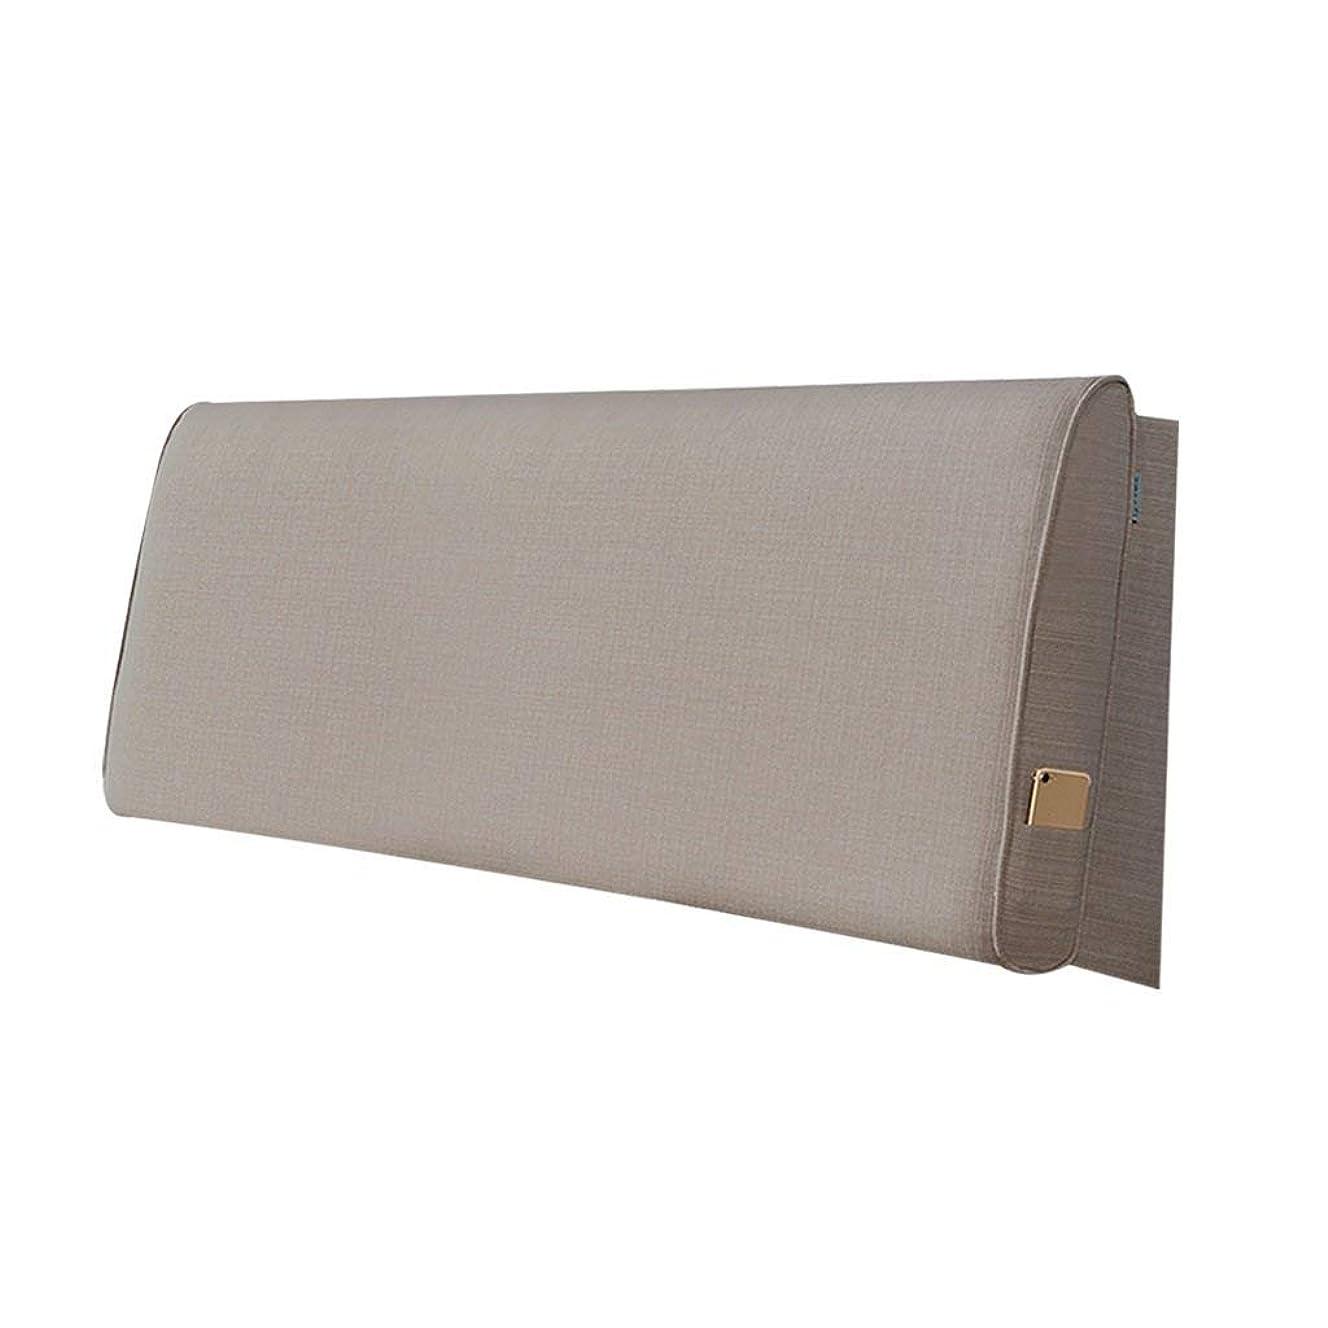 カバー元気突然2J-QingYun Trade ベッドソフトパッククッション大型背もたれファブリックダブルヘッドフードピロー背もたれ取り外し可能と洗えるピロークッション (Color : C)